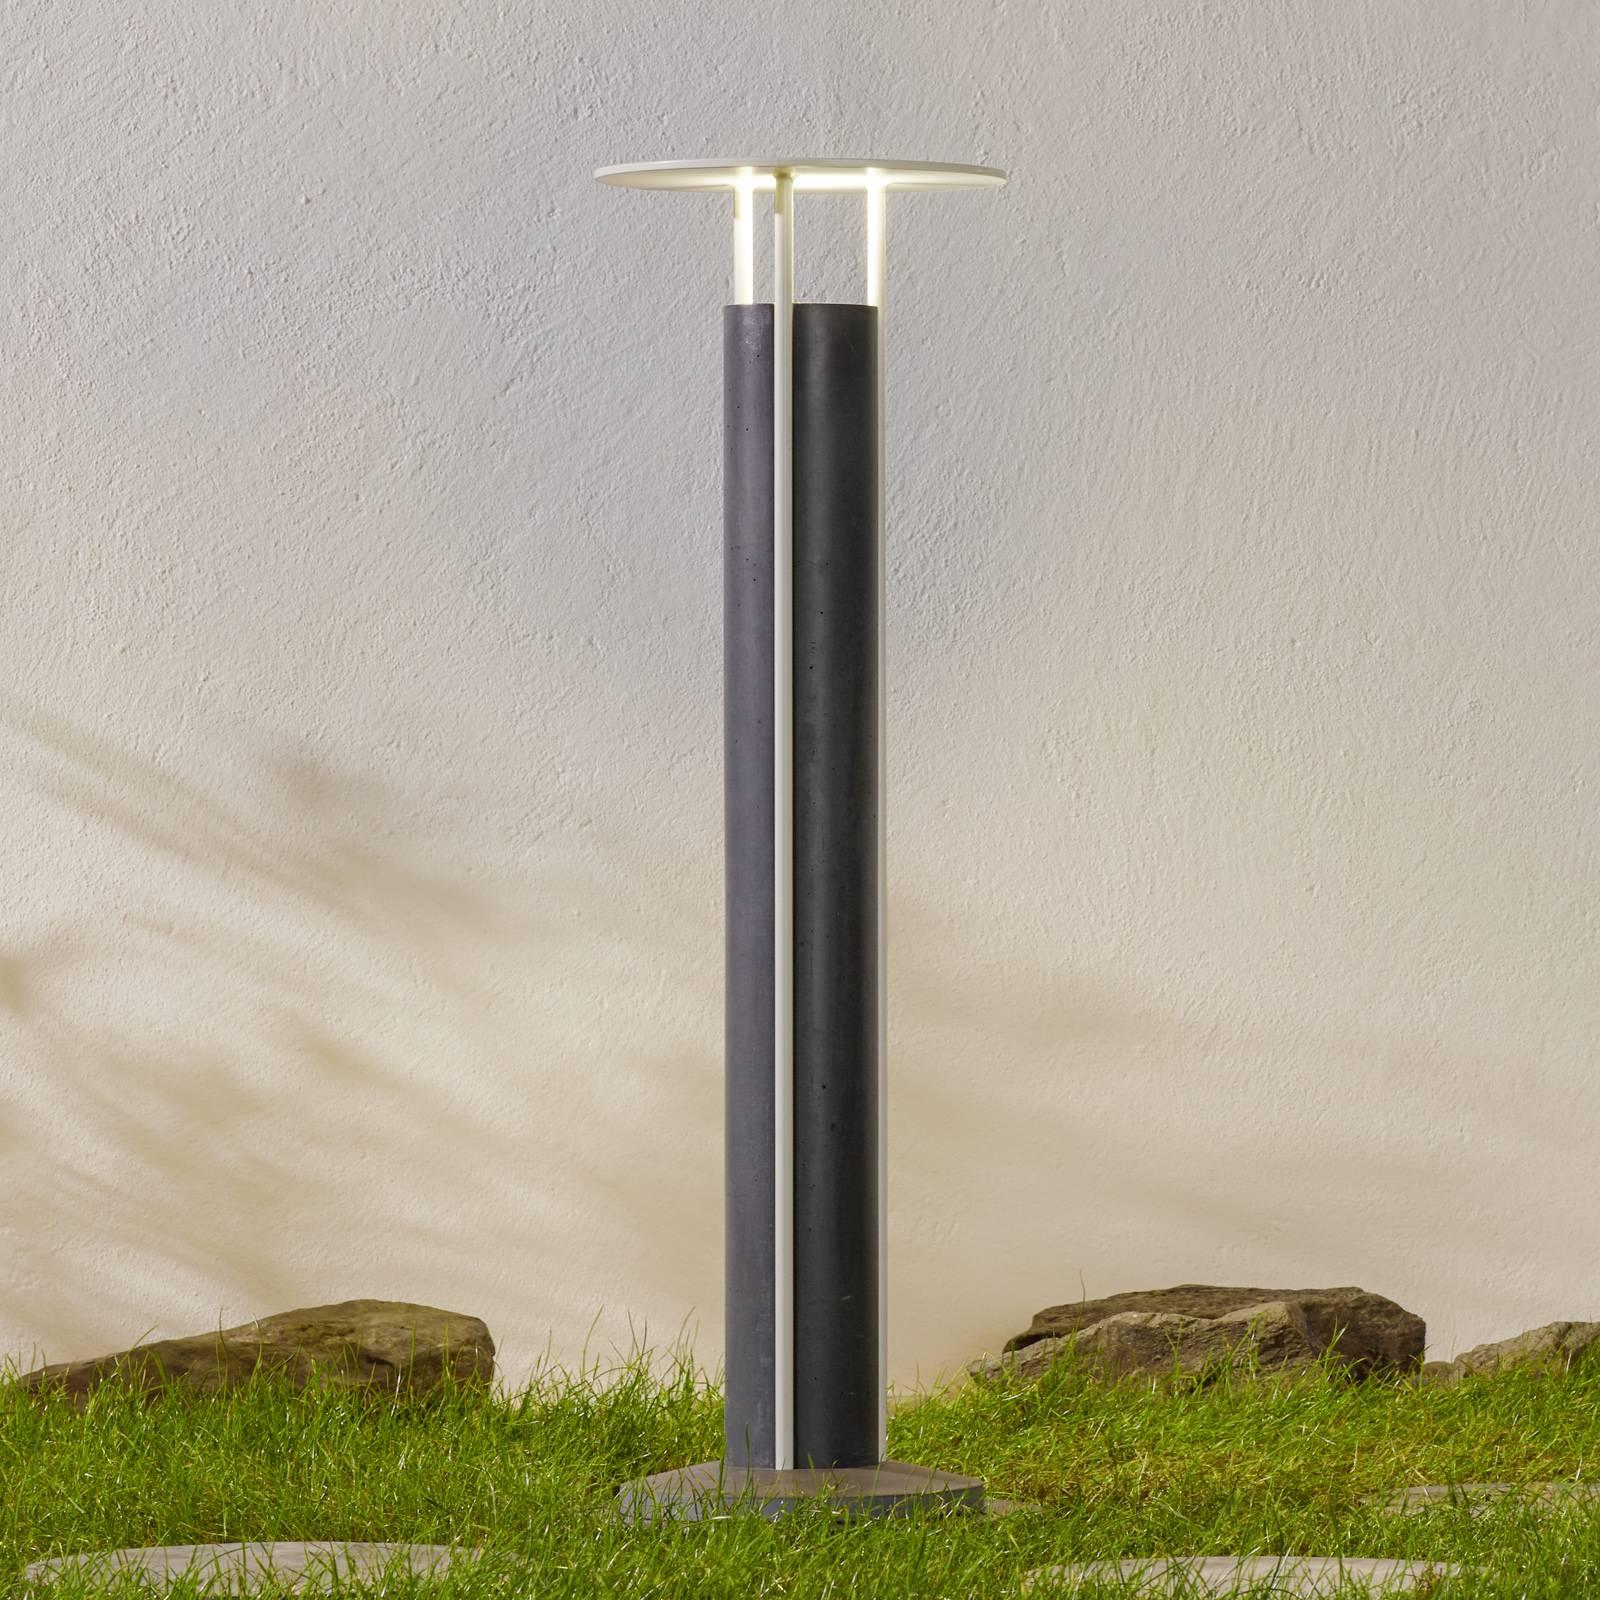 Pylväslamppu Ercole, DesignStudio Formidable musta